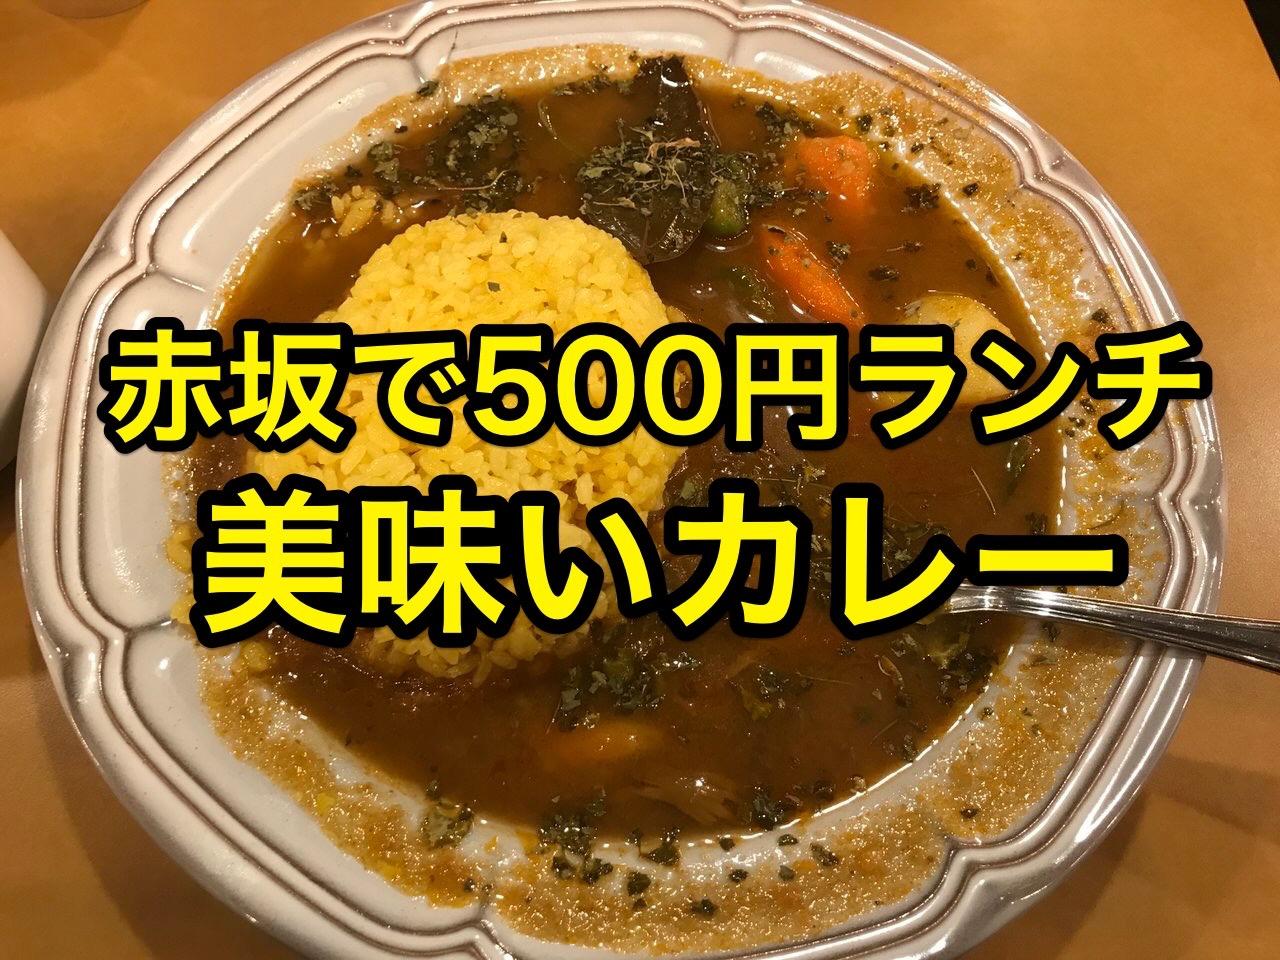 赤坂で500円ワンコインランチ!赤坂バル横丁「グッドスパイスカレー」